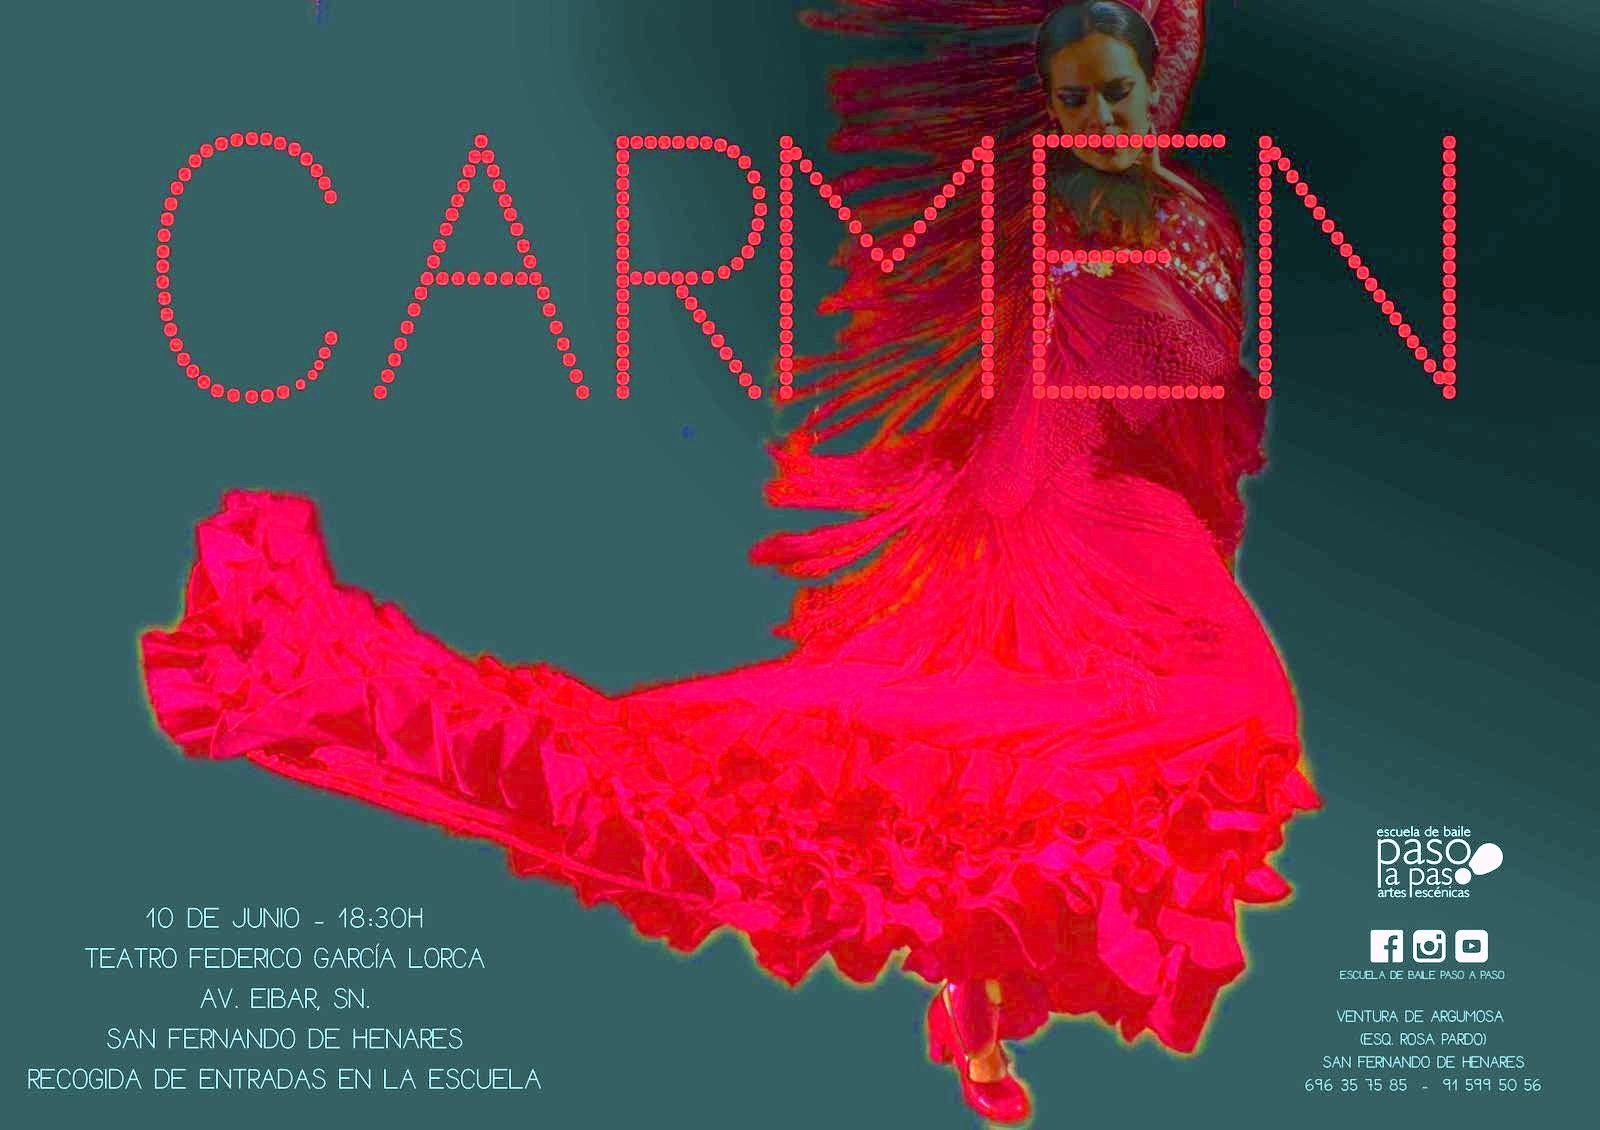 Paso a Paso escuela de Baile, ofrece el Domingo 10 de junio  en el Teatro Federico García Lorca dos interesantes espectáculos.